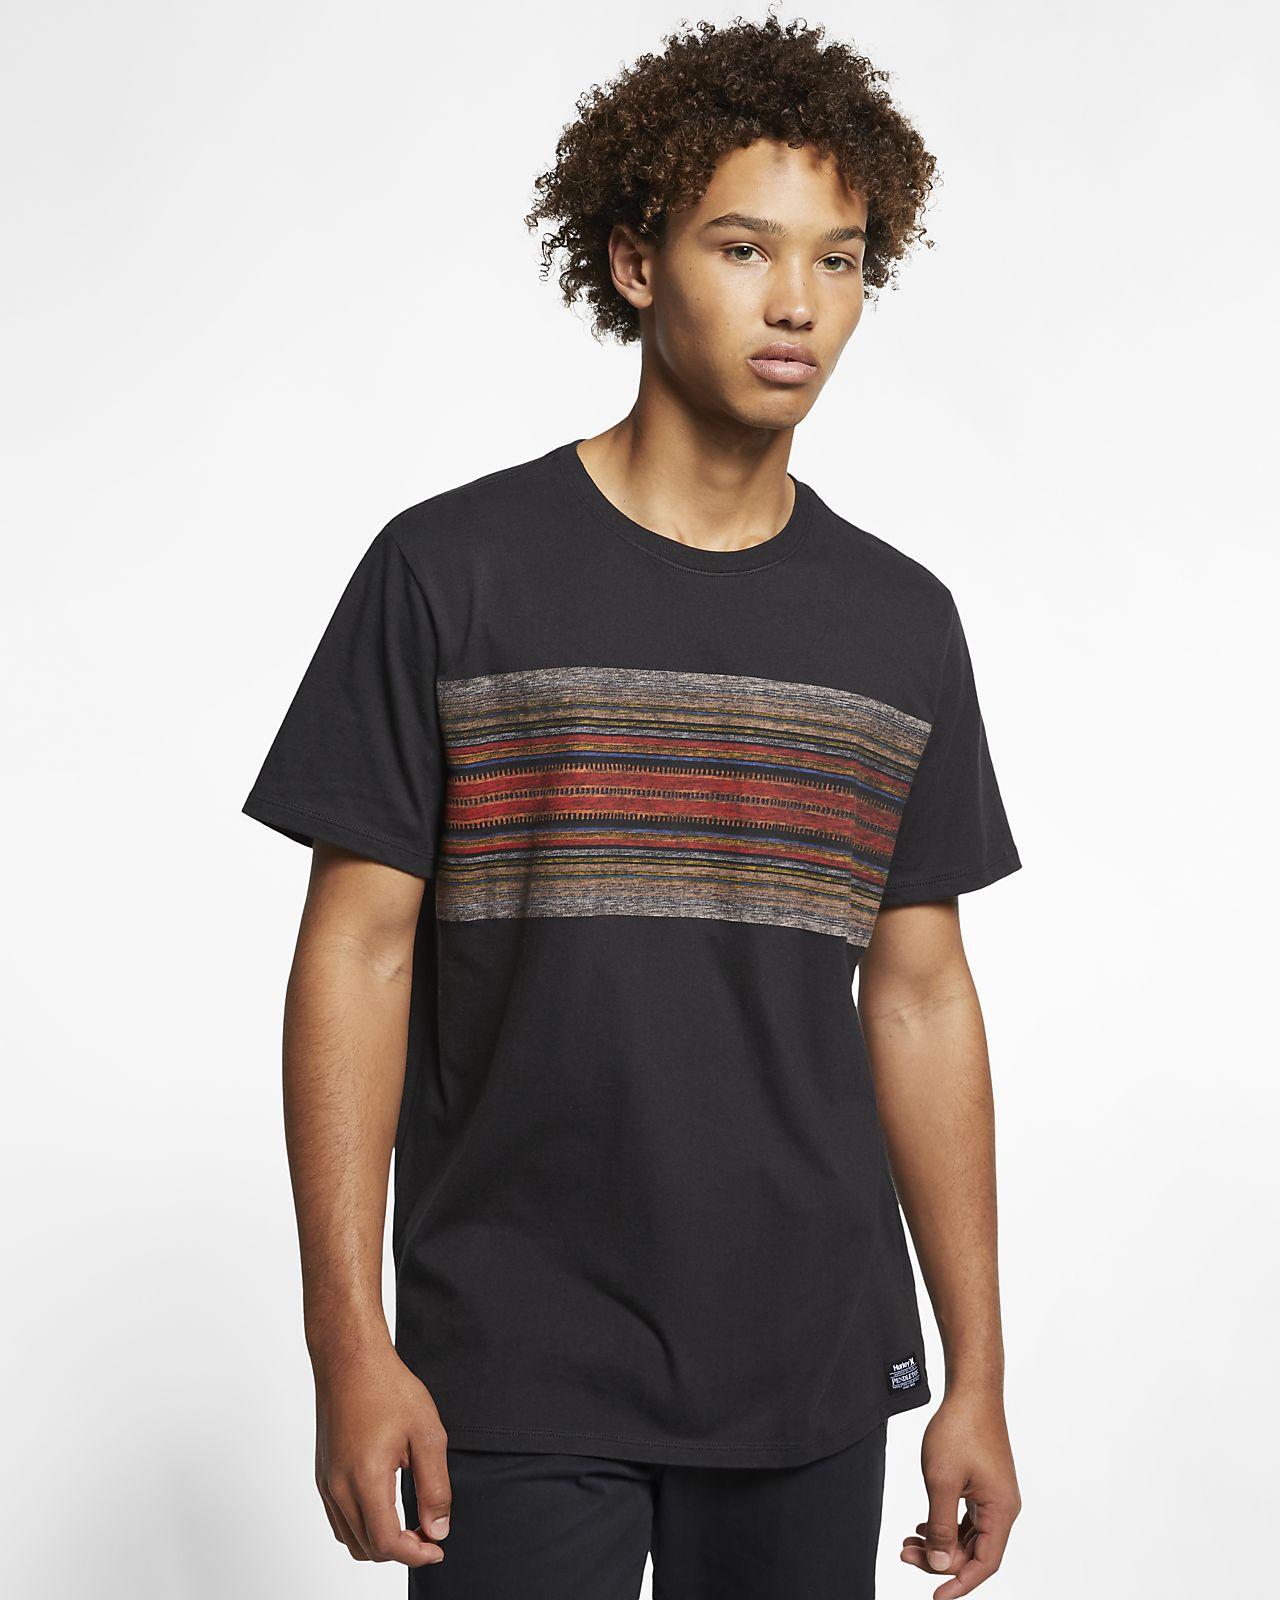 Hurley Pendleton Acadia Premium Men's T-Shirt